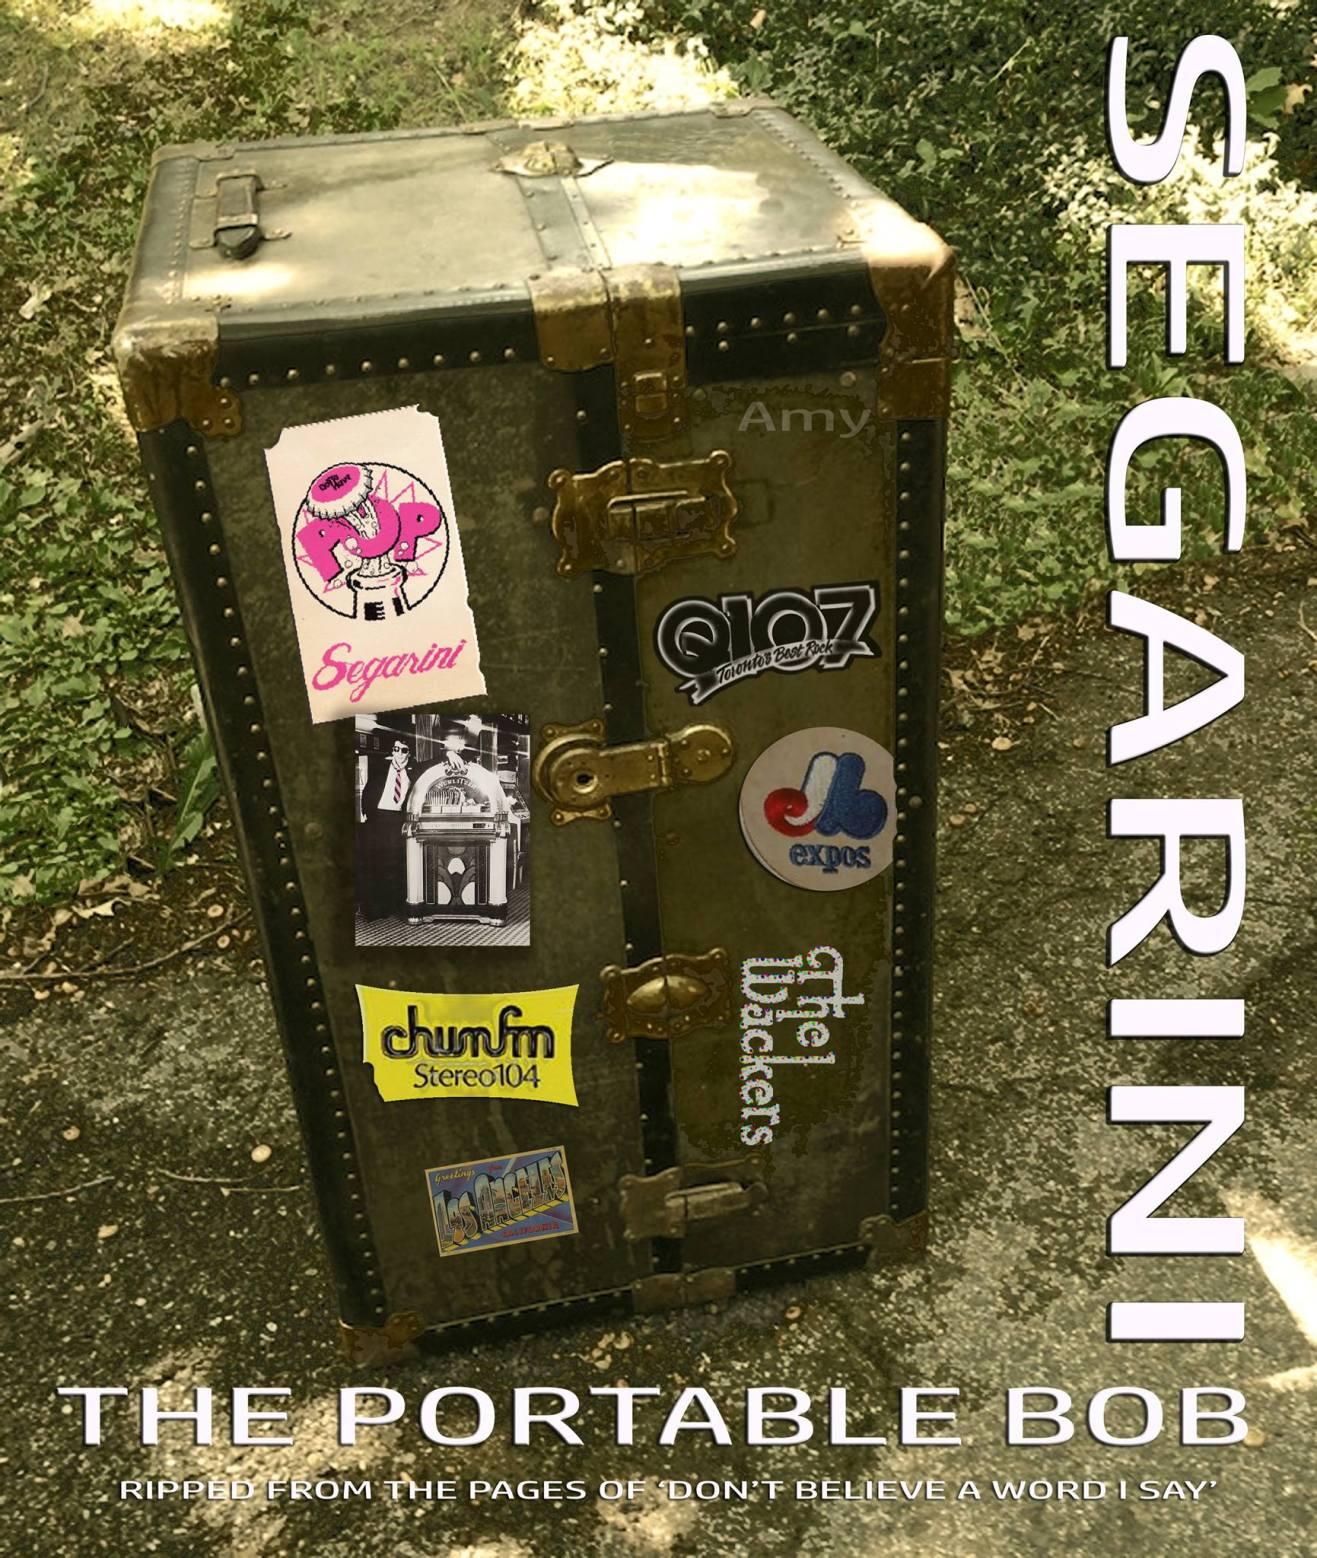 pORTABLE bOB 2